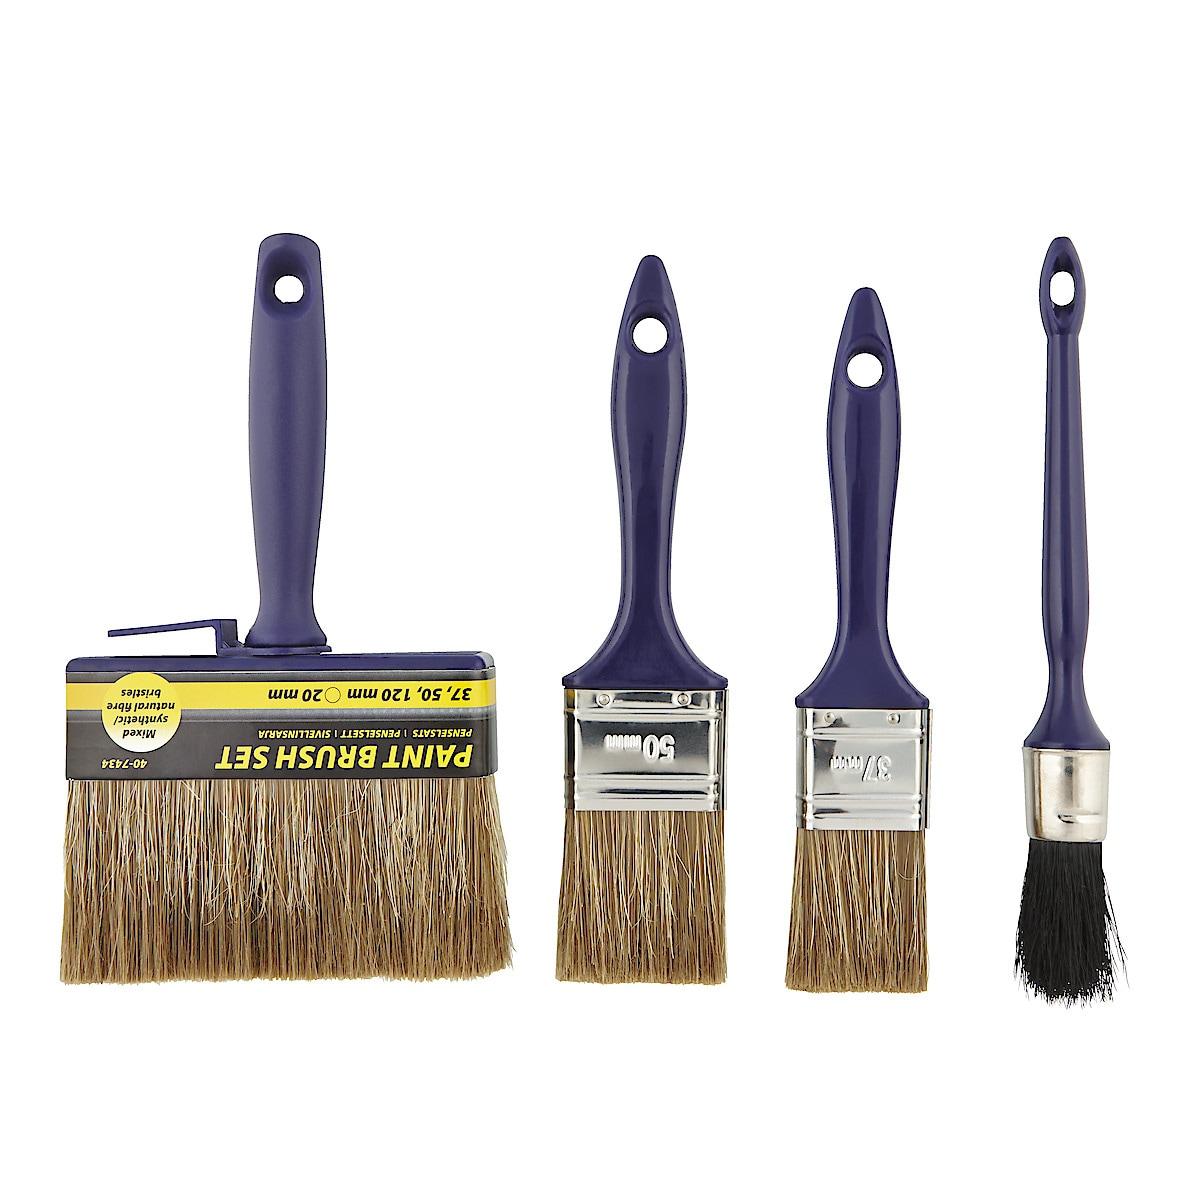 4-Piece Paint Brush Set